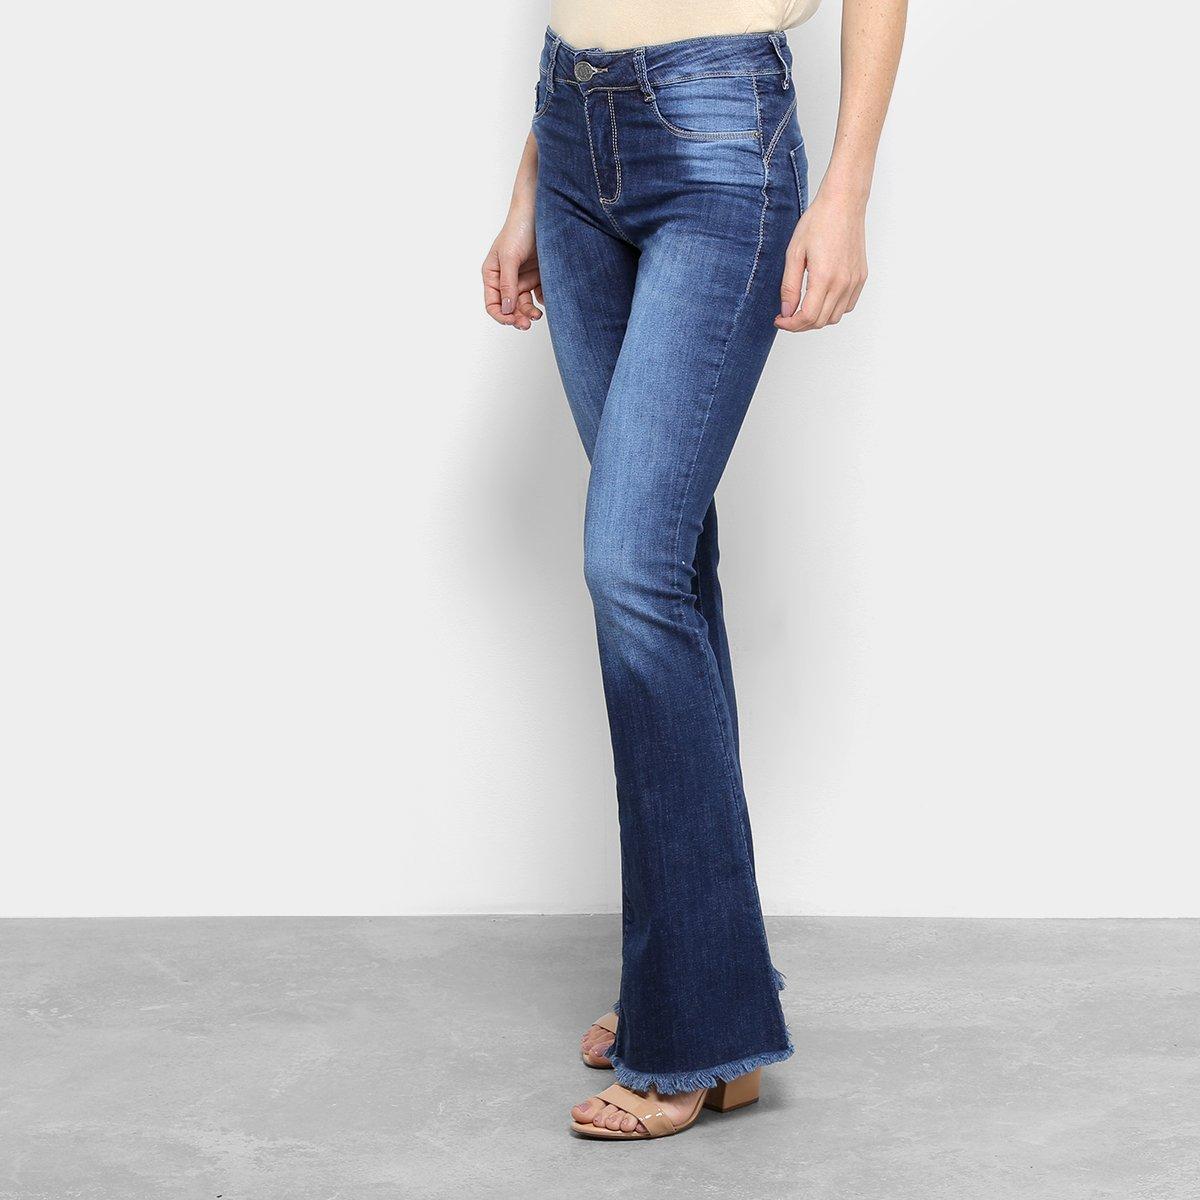 822aa95c8 Calça jeans flare sawary estonada cintura média feminina undefined jpg  1200x1200 Undefined sawary calcas femininas